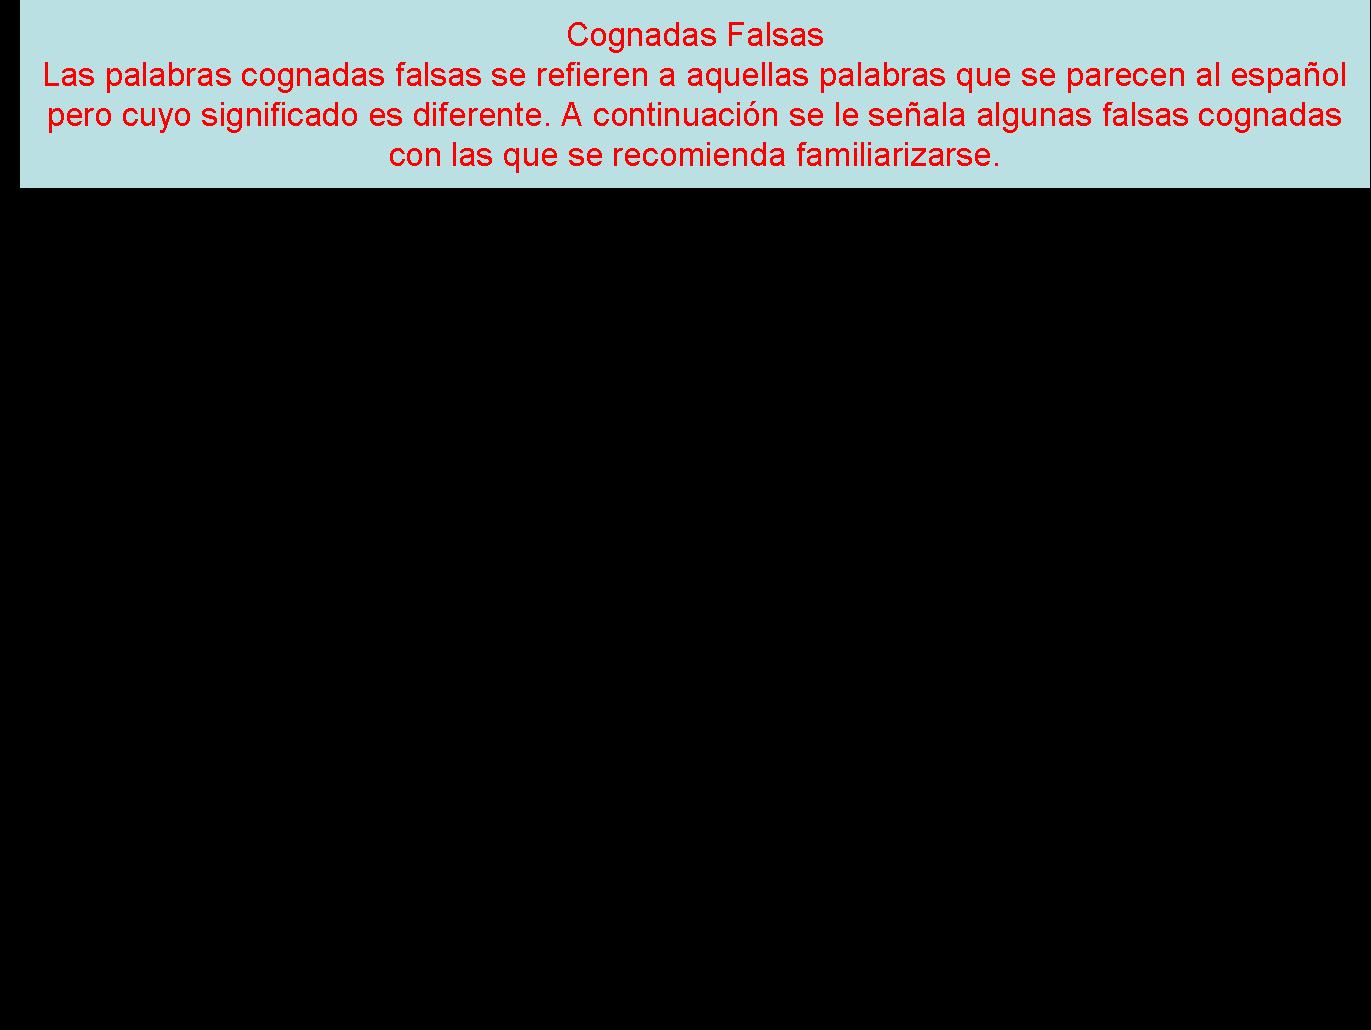 GUÍA DE ESTUDIO N\' 4. COGNADOS Y FALSOS COGNADOS | INGLÉS TÉCNICO ...